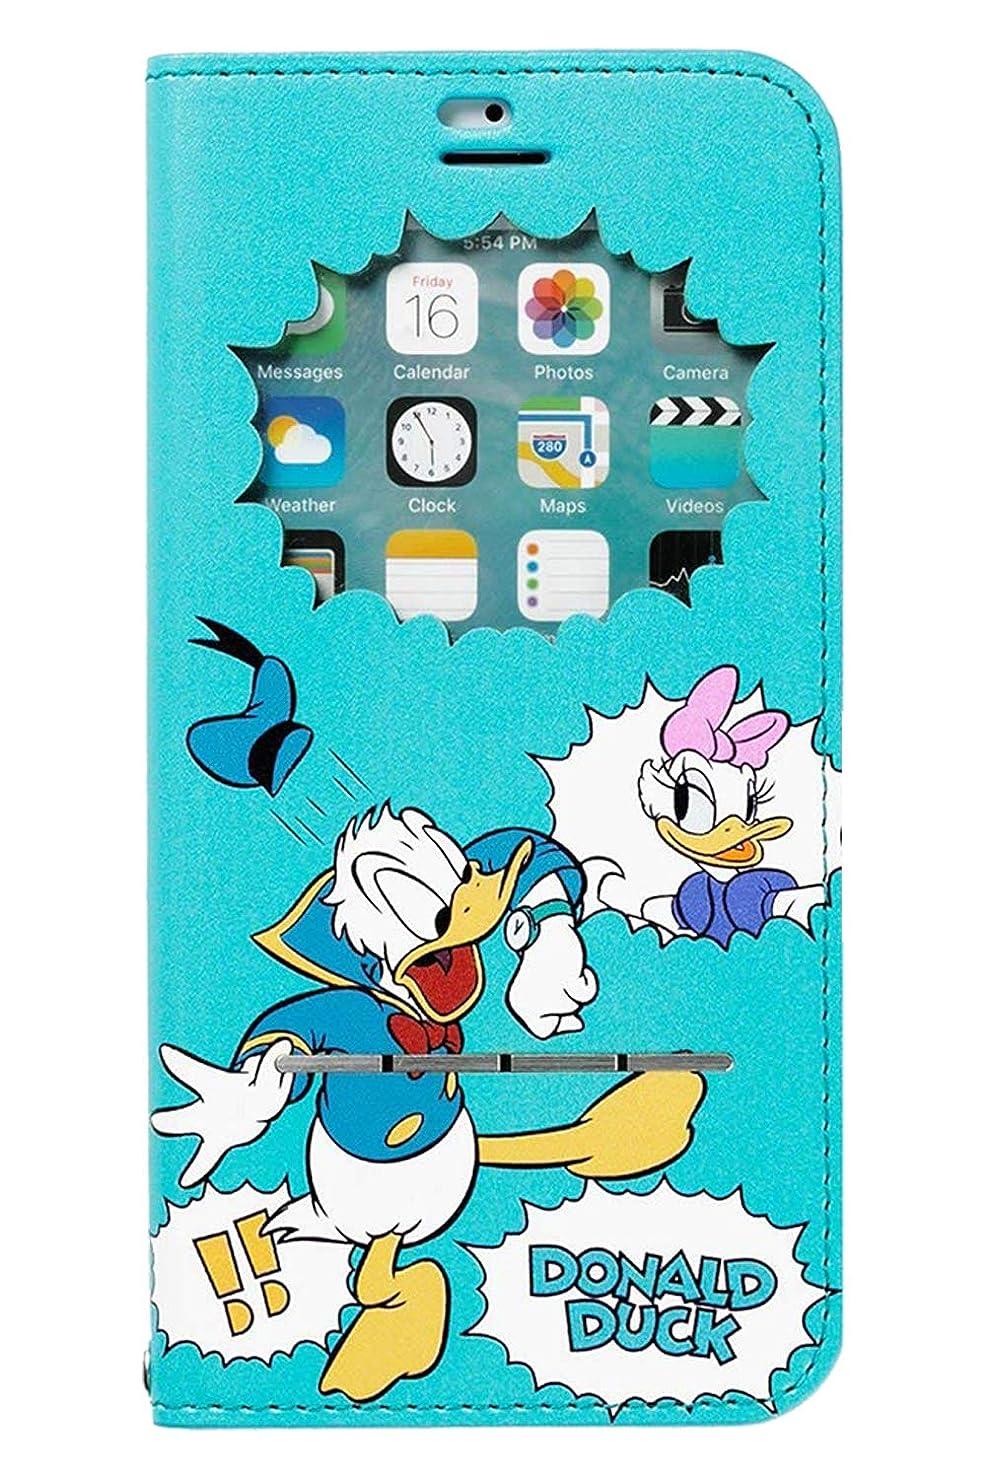 精算インディカ海洋のiPhone6s iPhone6 ケース 手帳型 ディズニー 窓付き キャラクター カバー カード収納/ドナルド